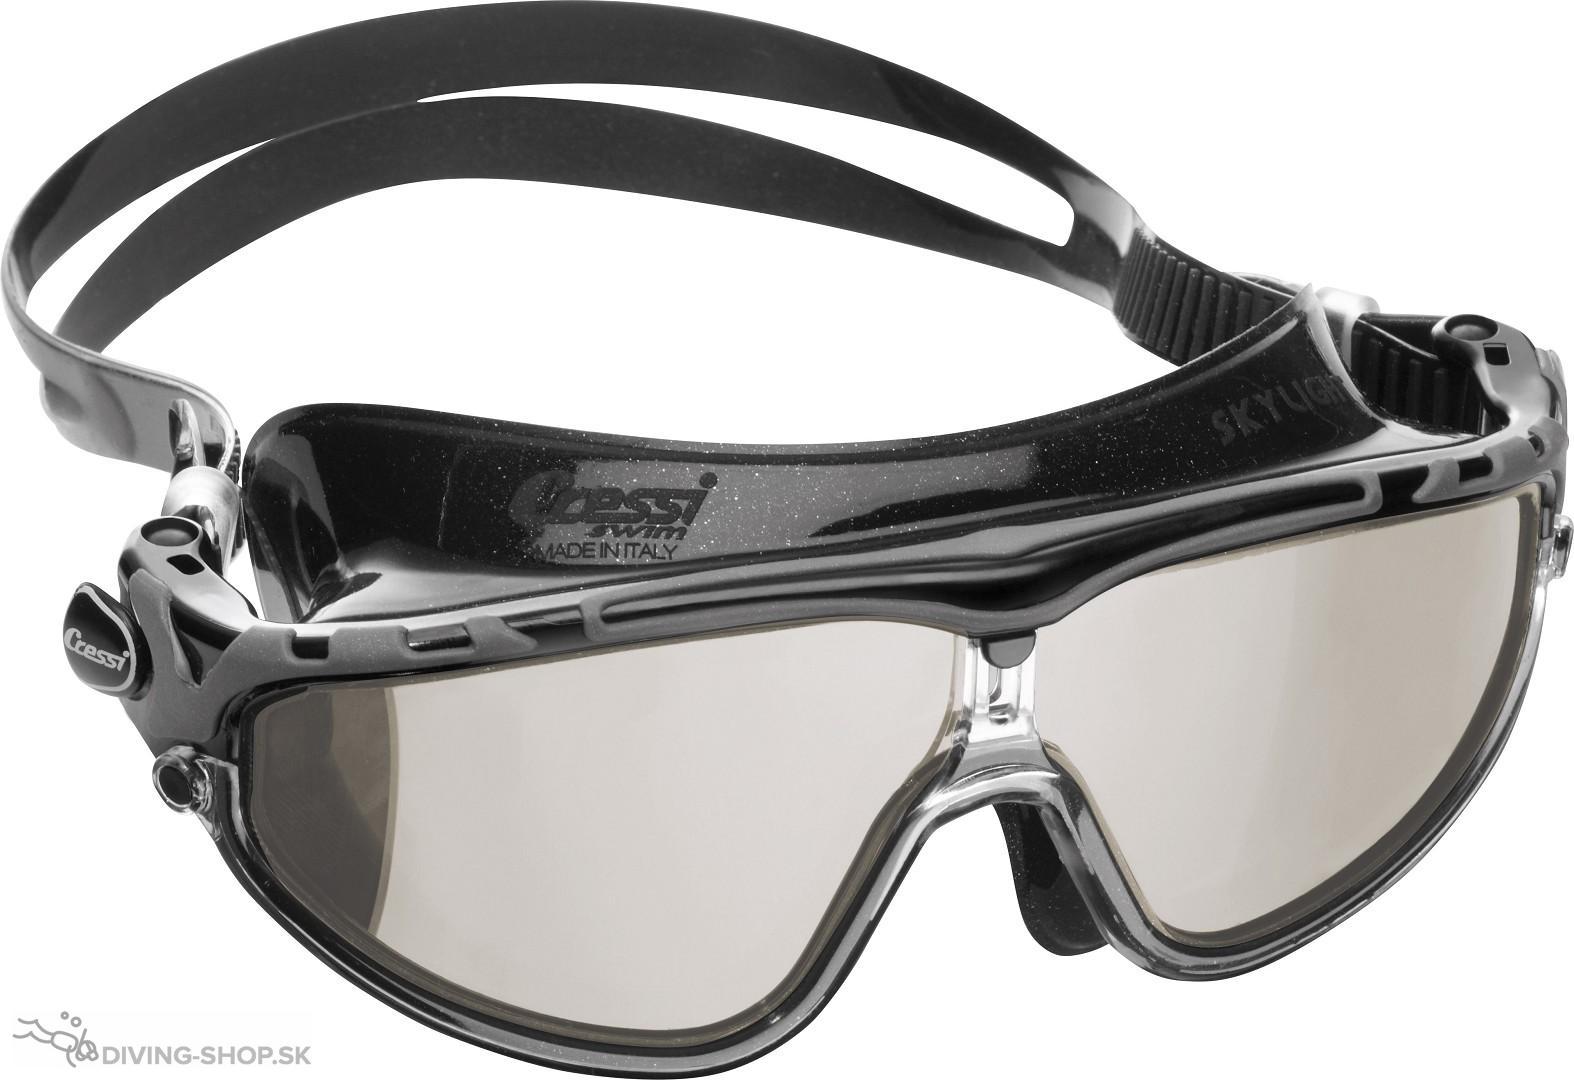 4e3e30ffa Plavecké okuliare SKYLIGHT zrkadlovým sklom   Diving-shop, overený ...